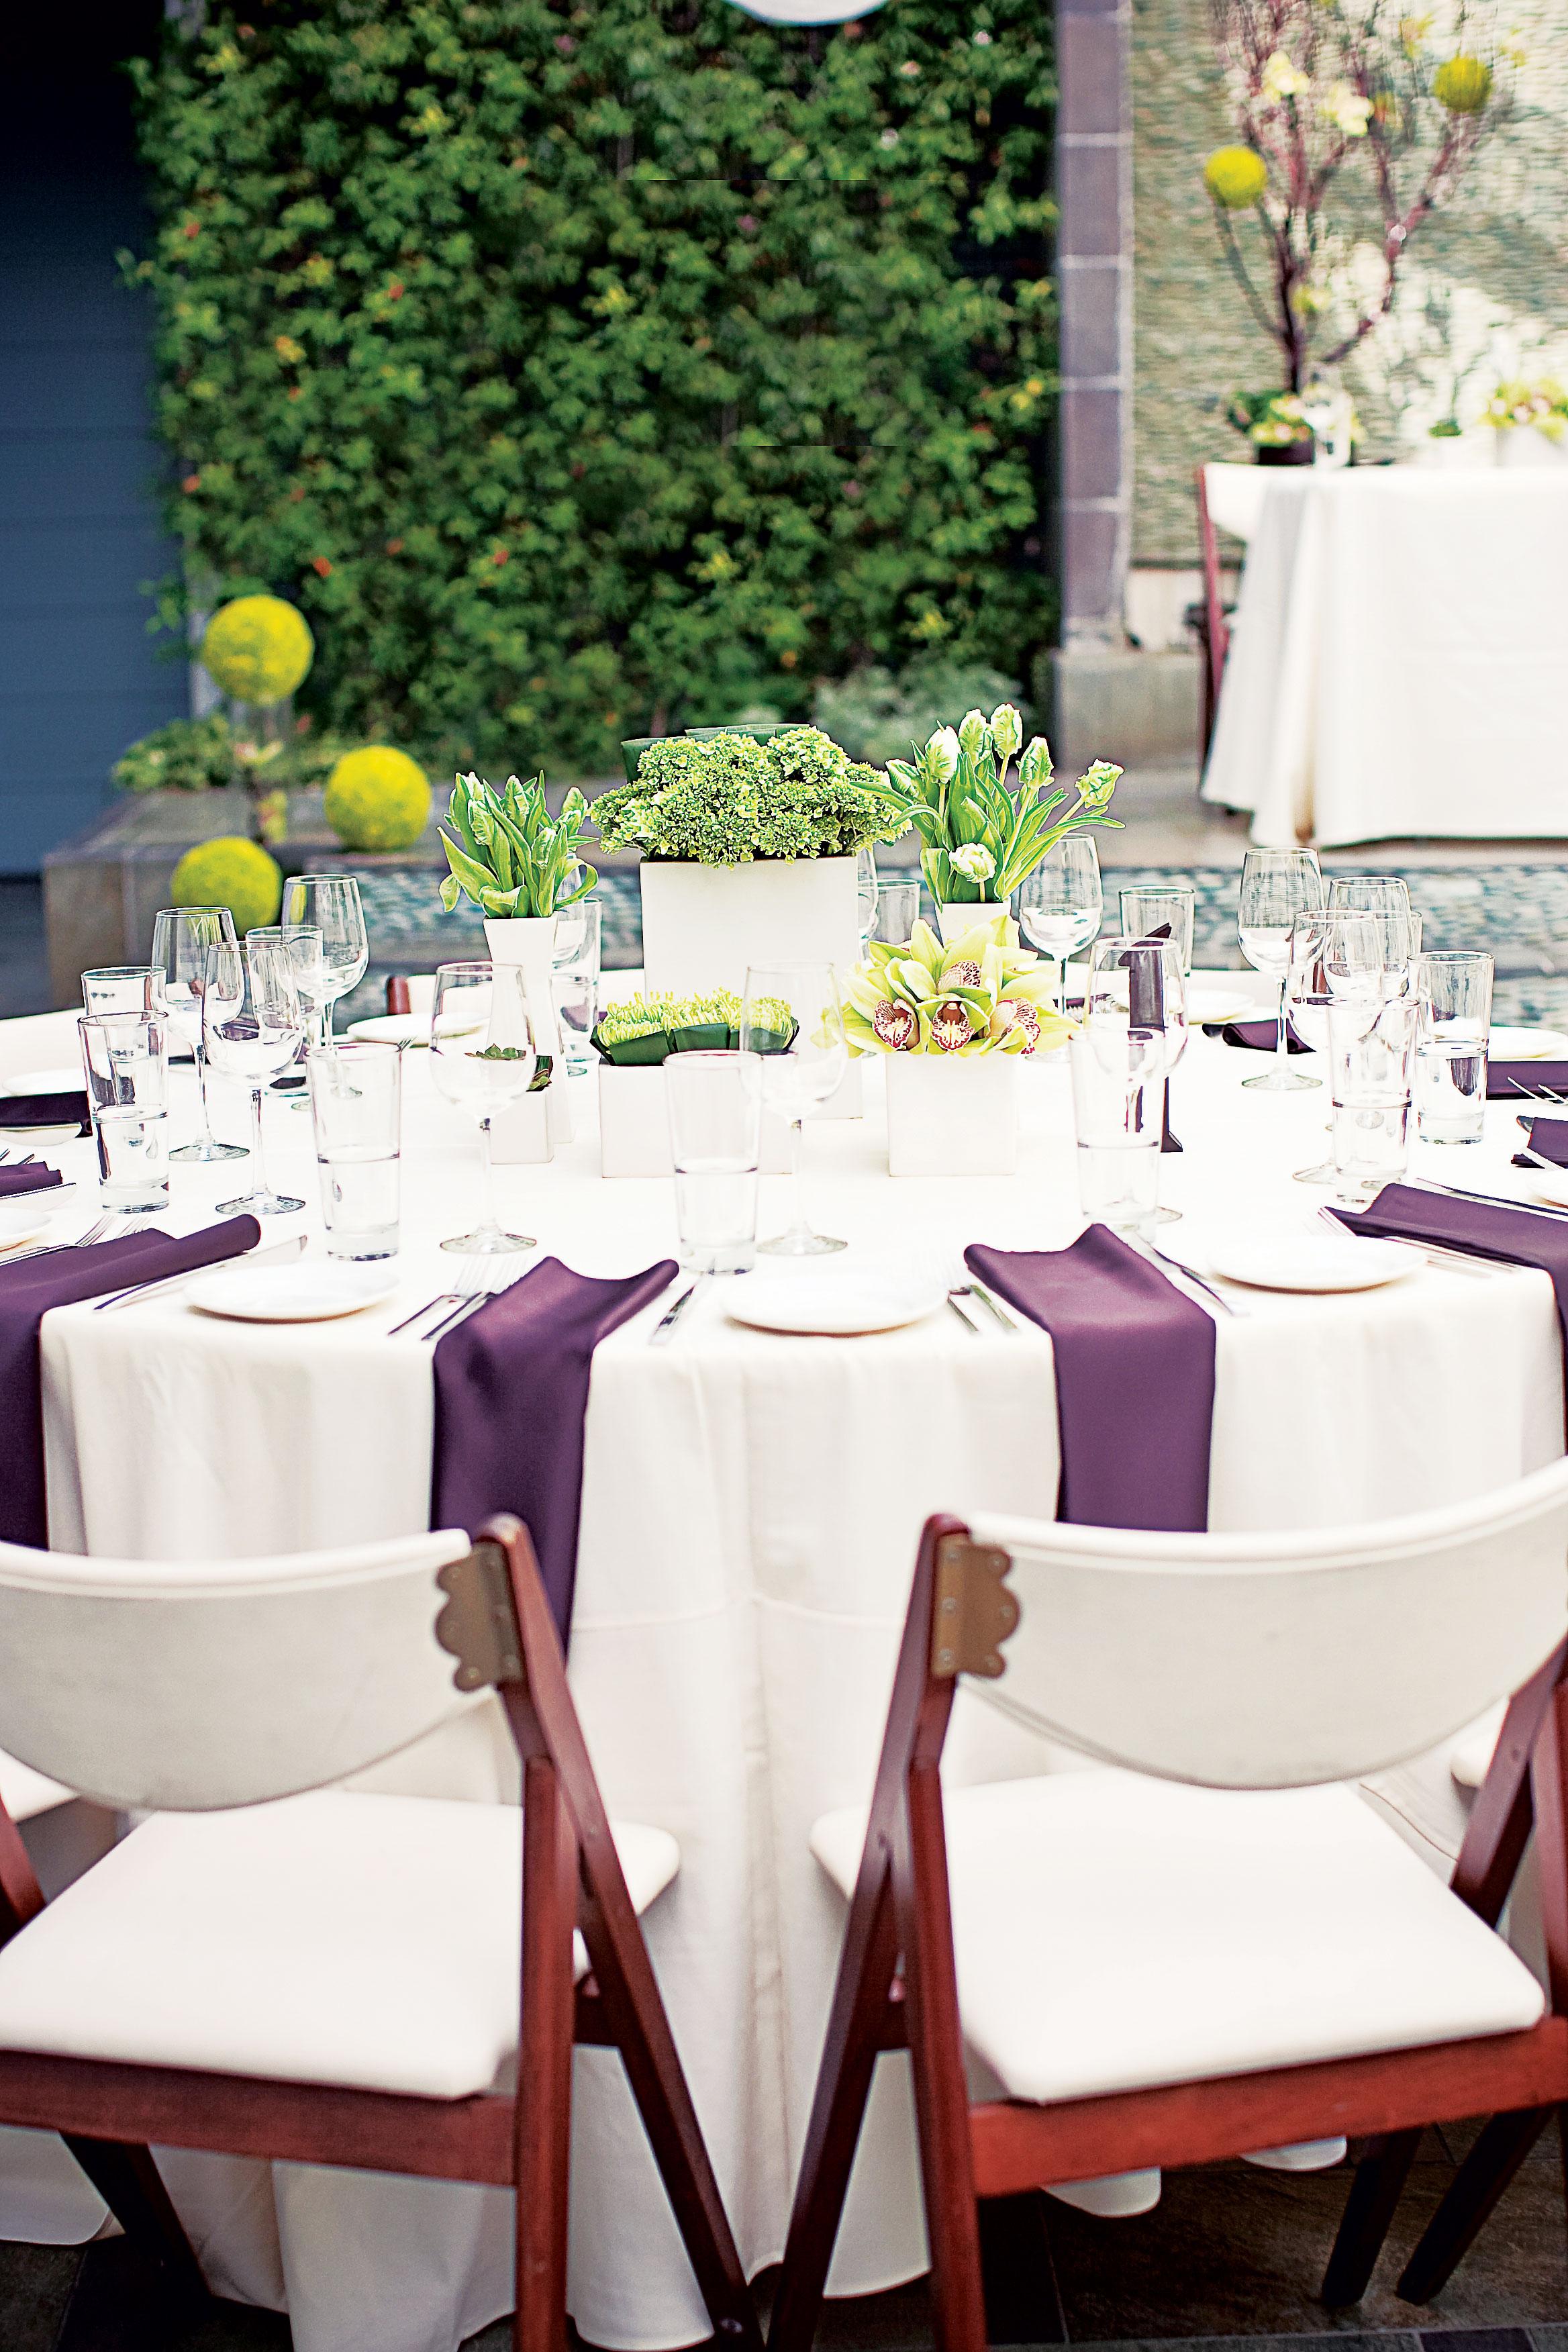 Vendor meals at wedding